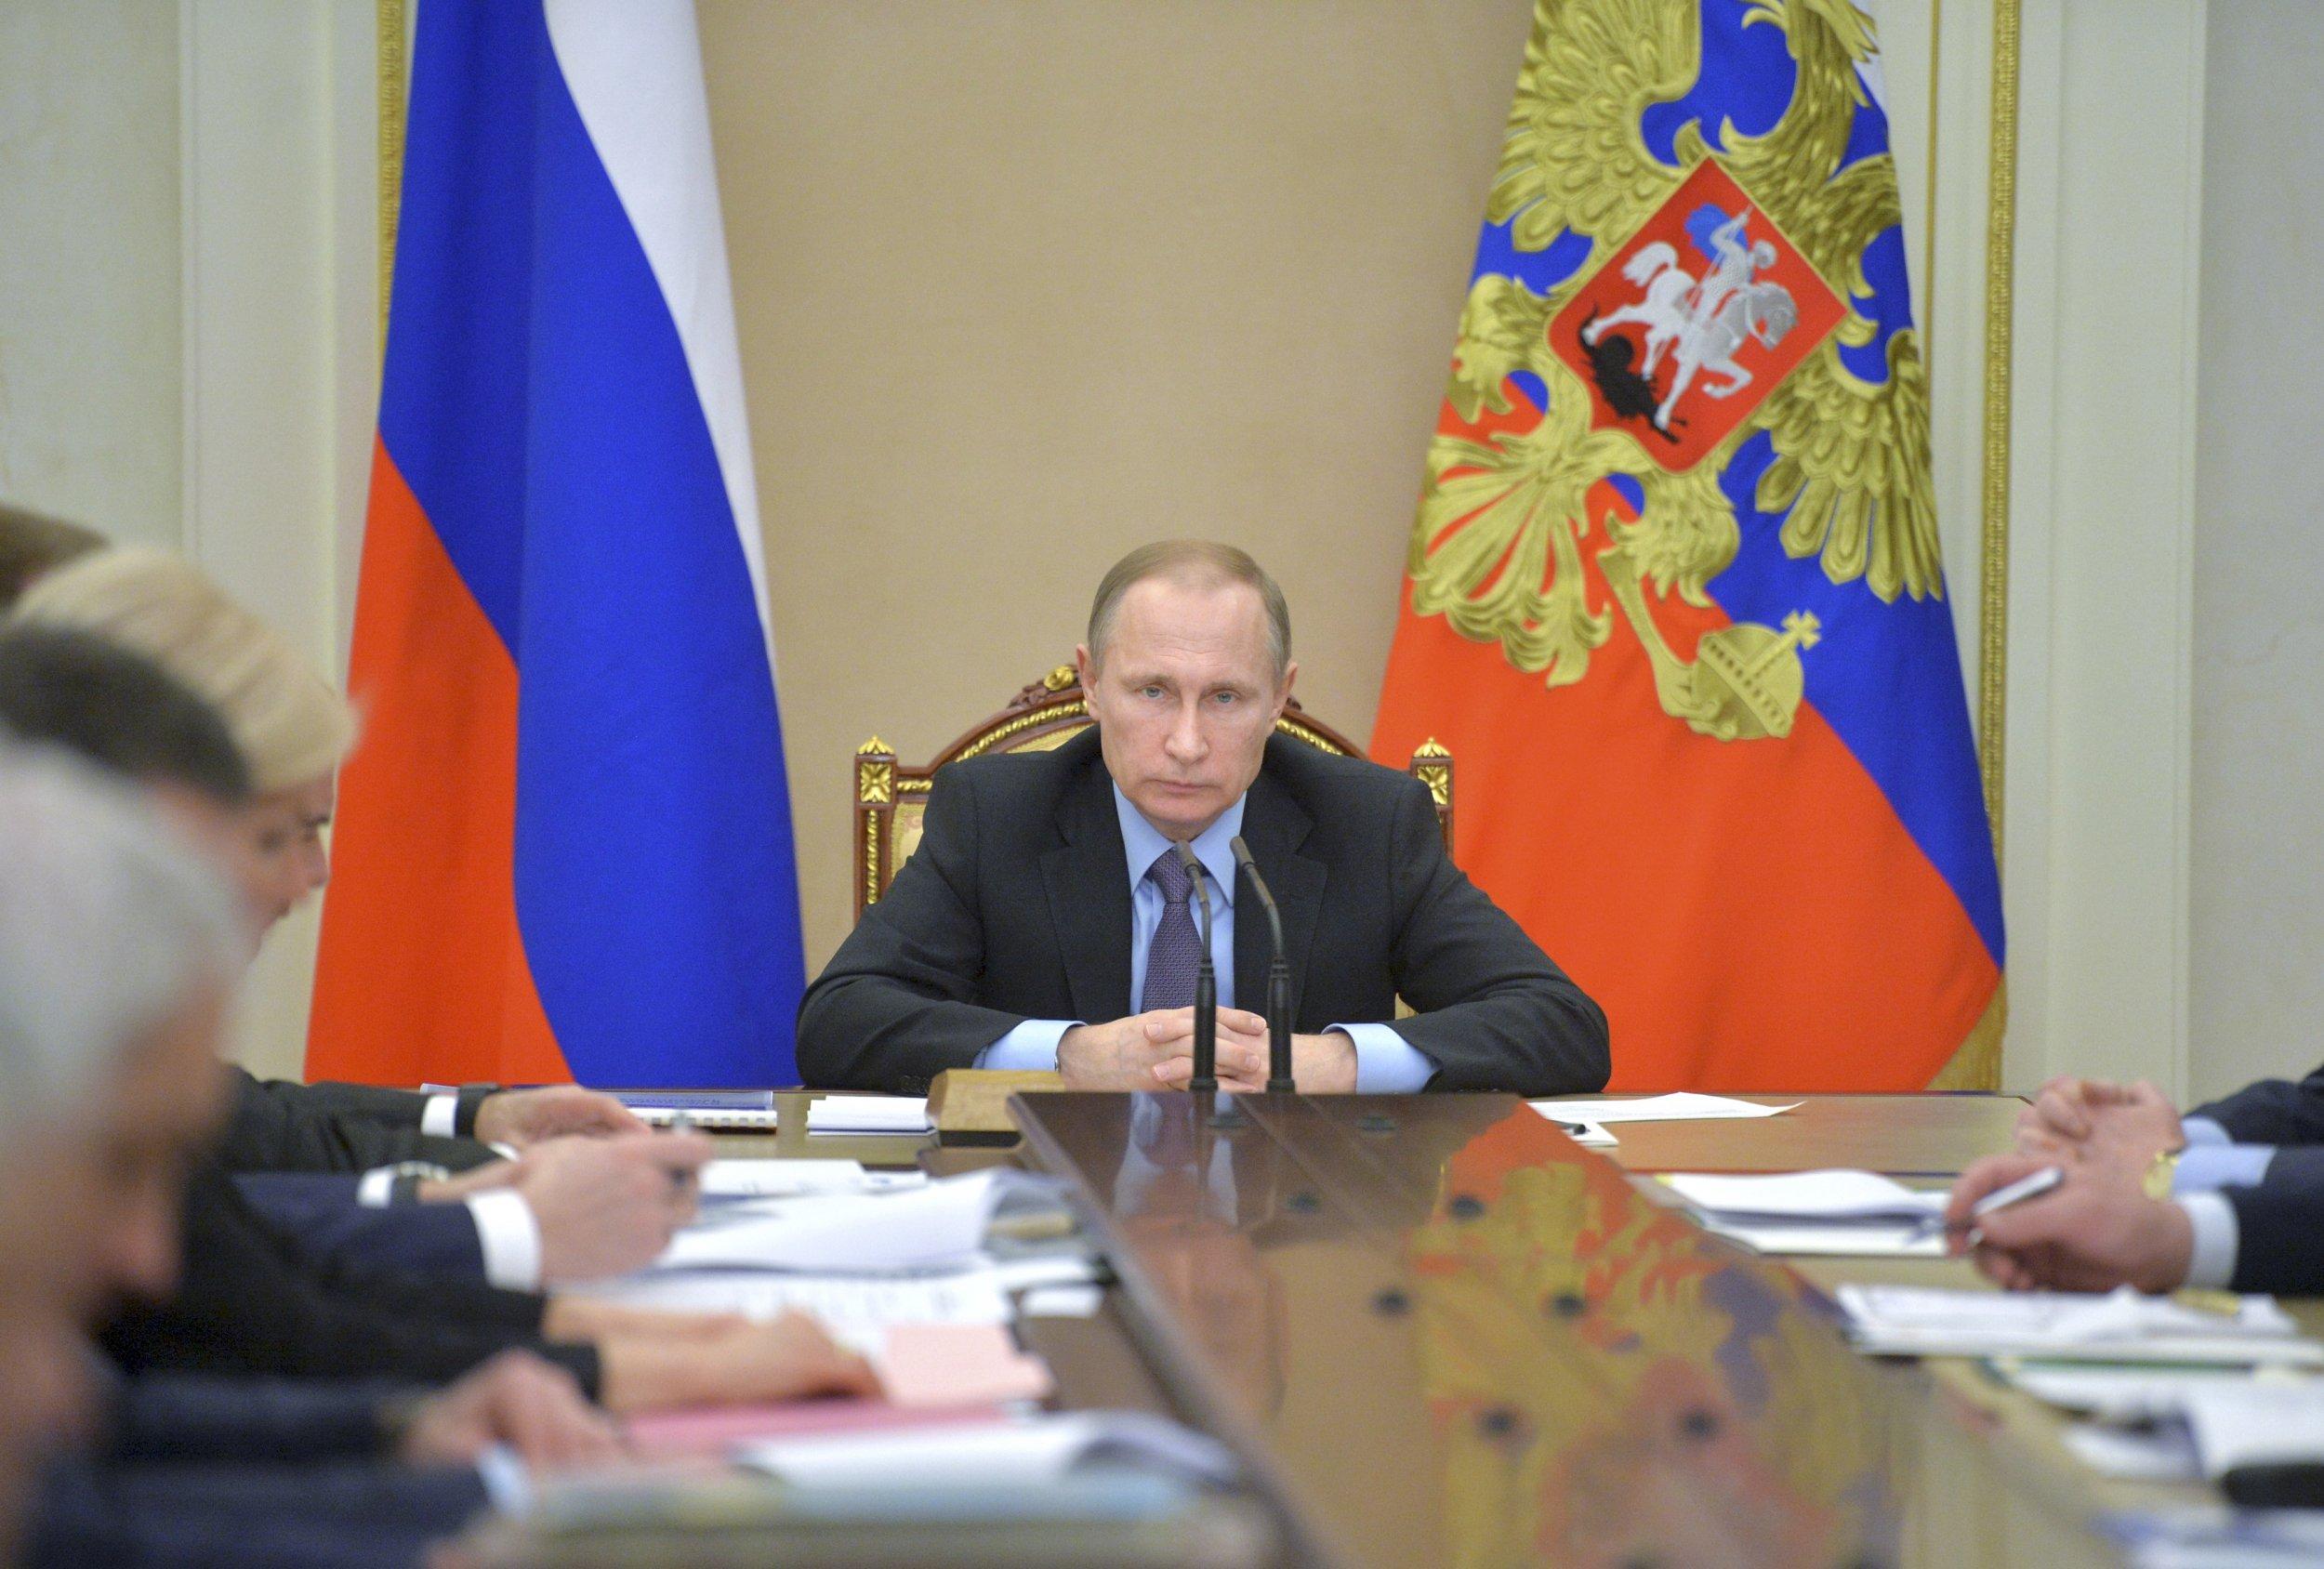 Putin chairs Kremlin meeting